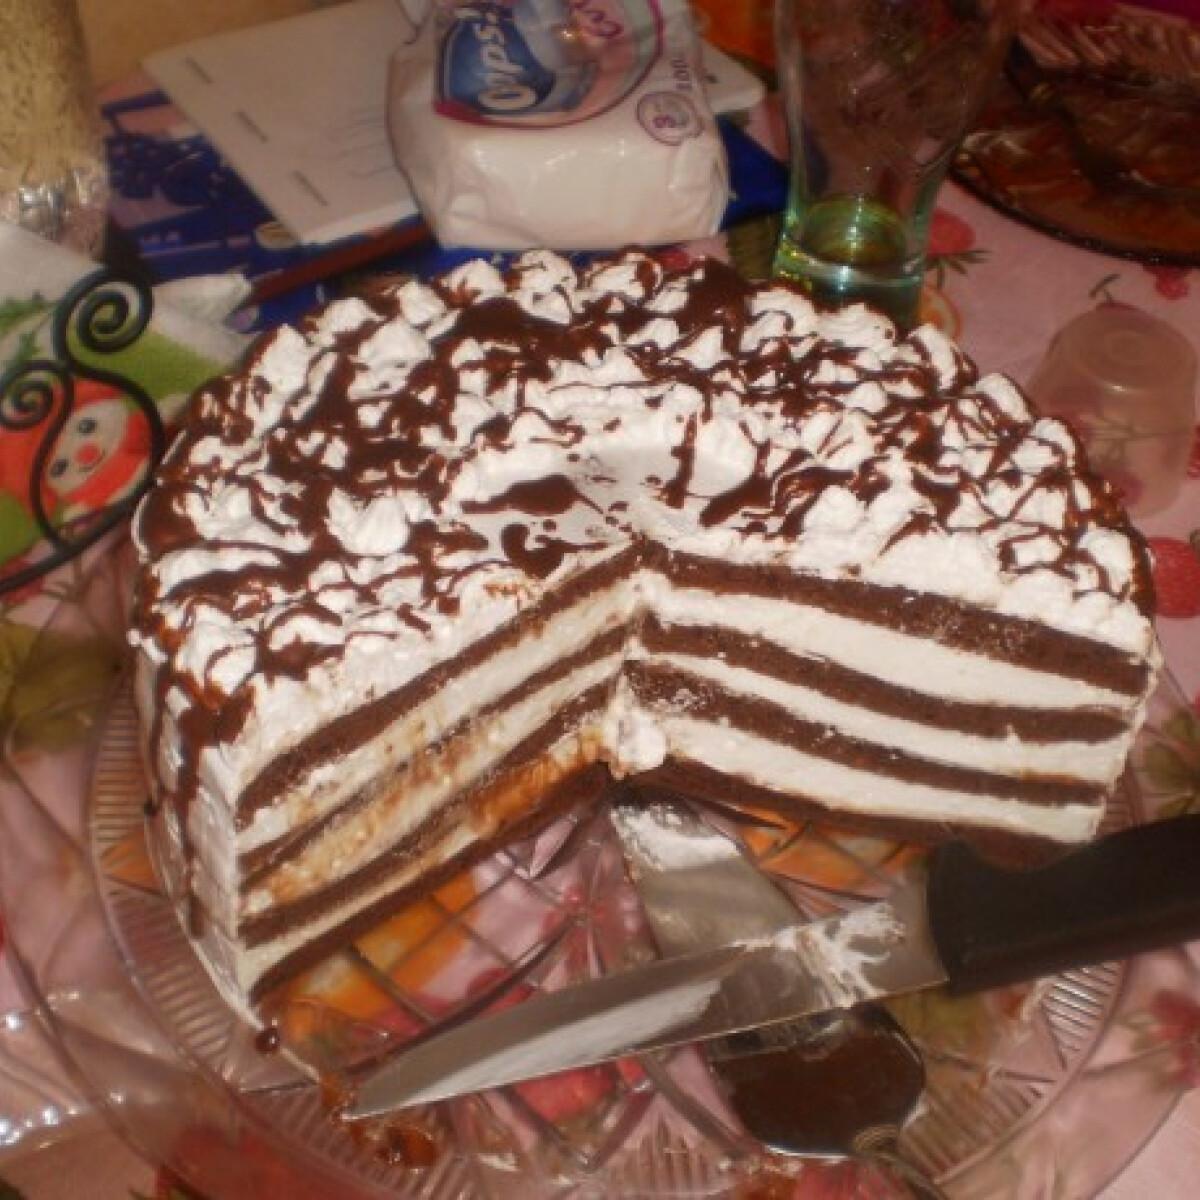 Zöldcitromos csokoládétorta